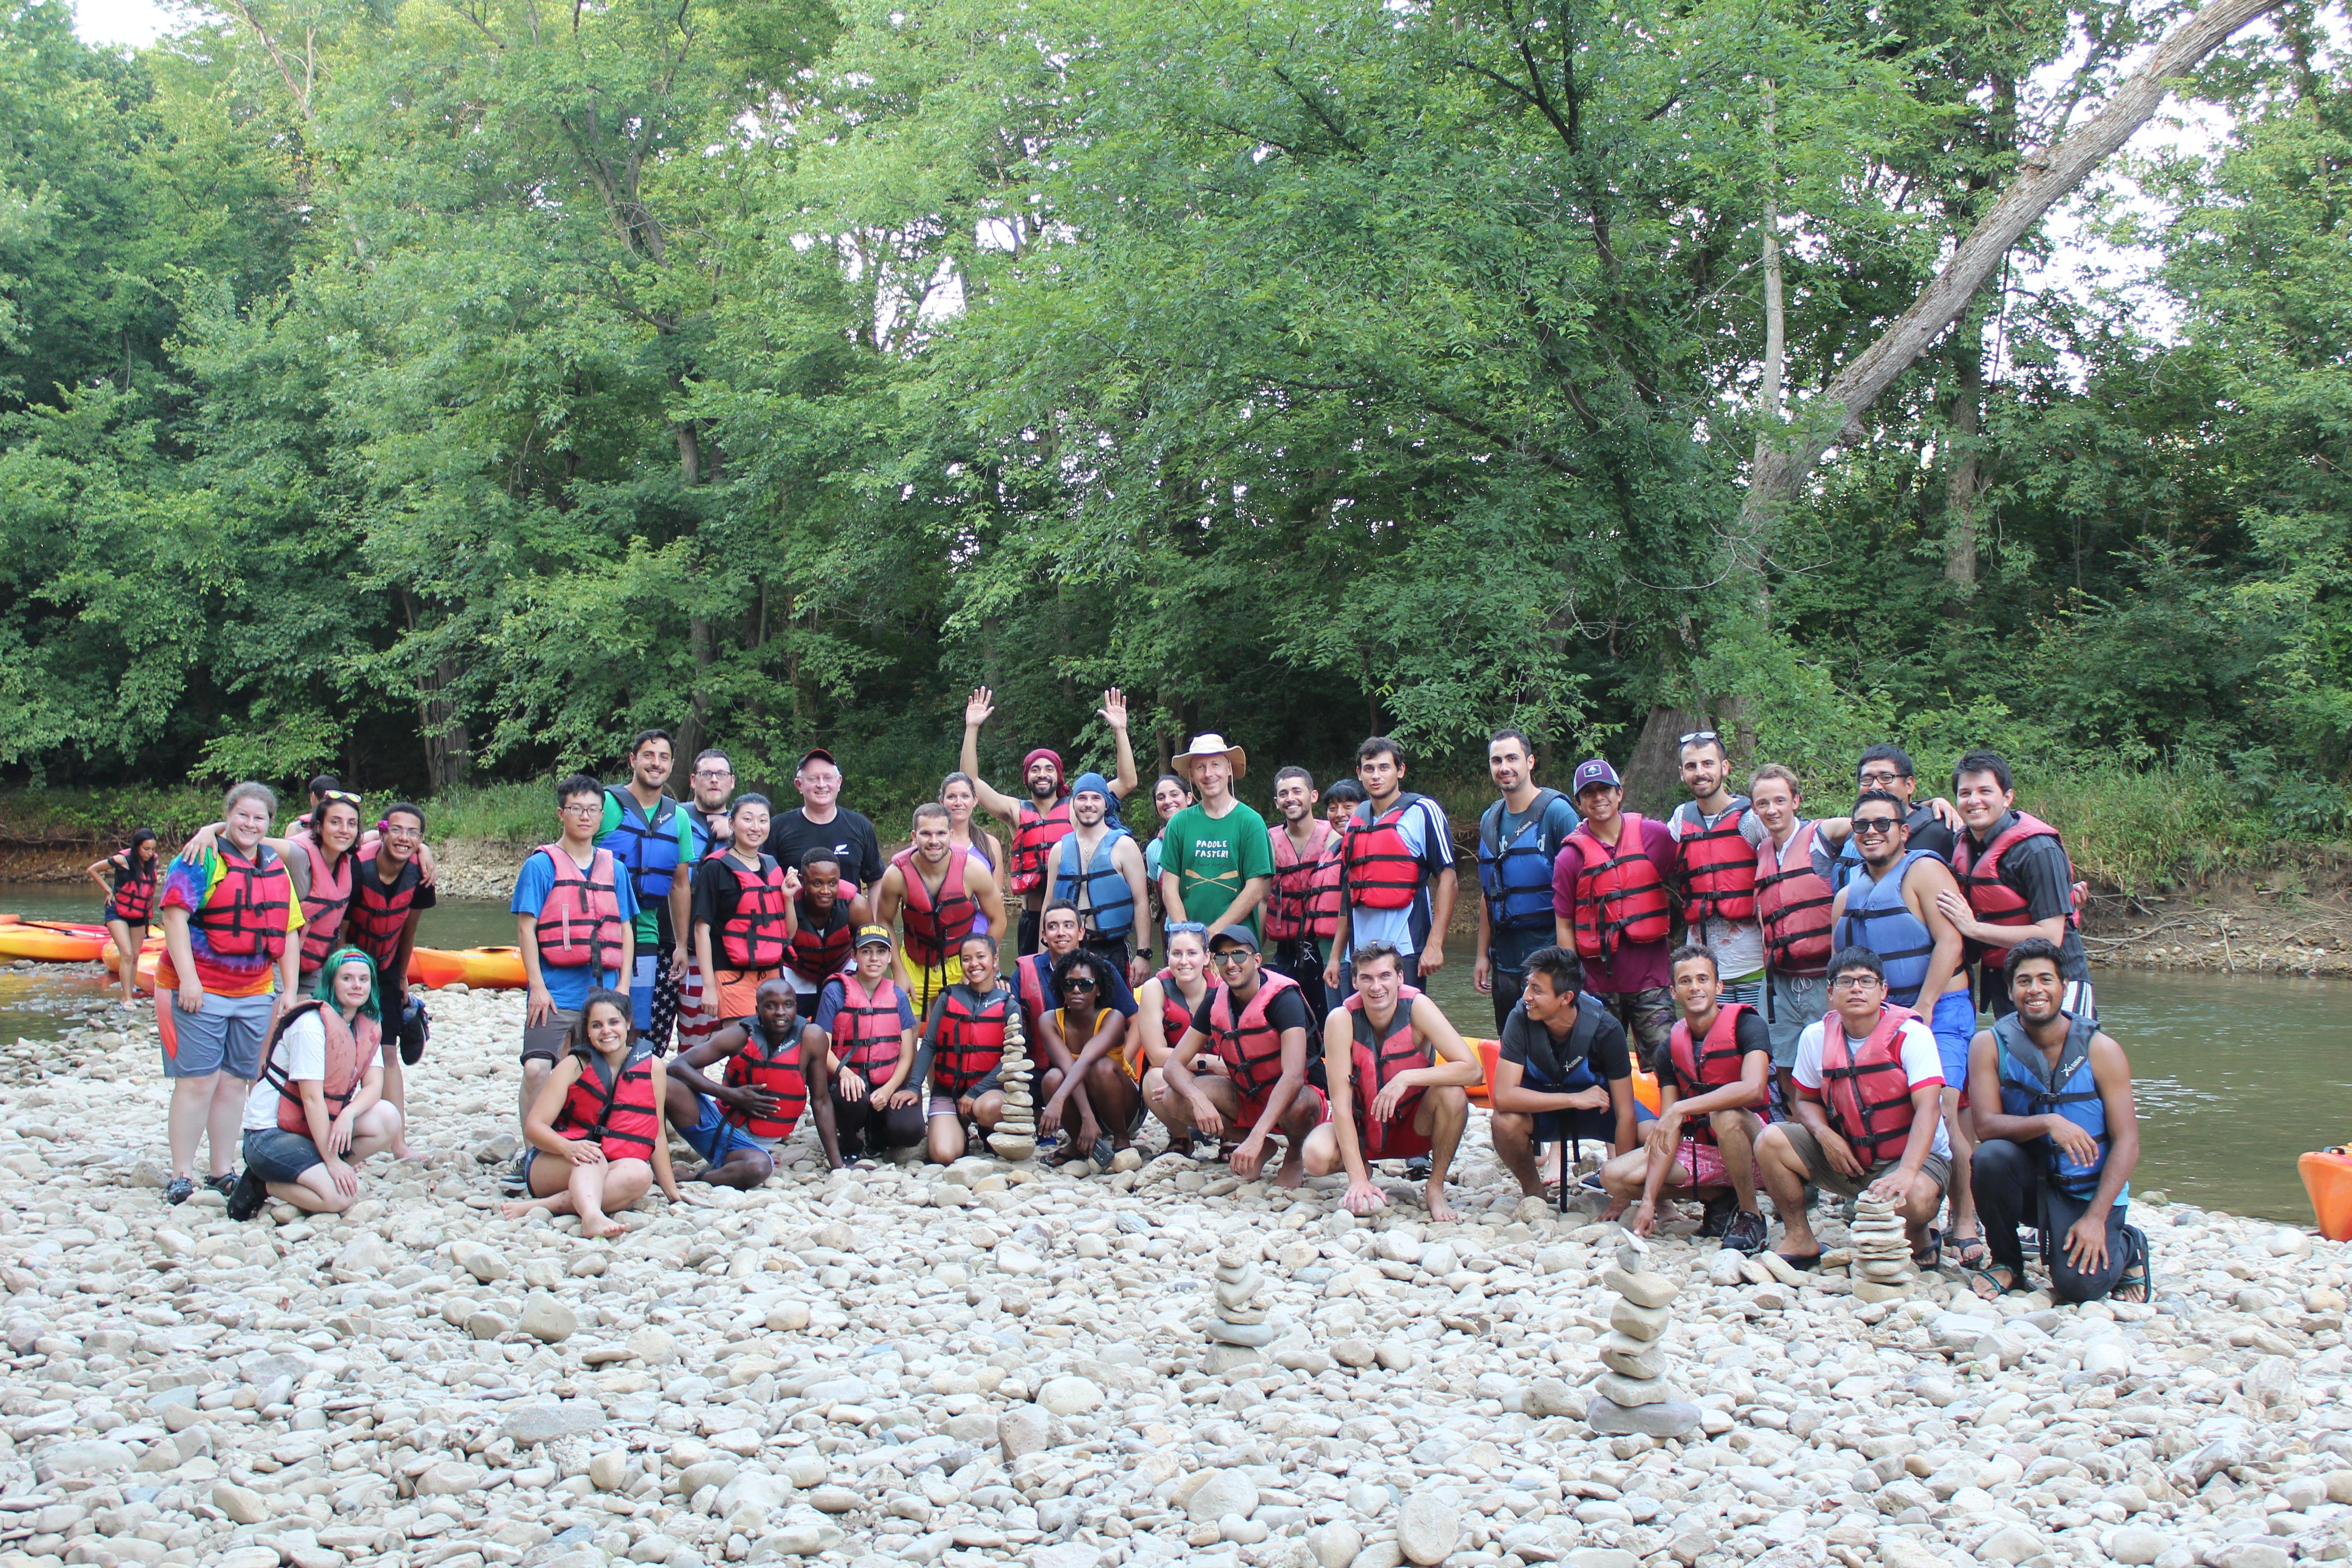 2018 Kayaking Group